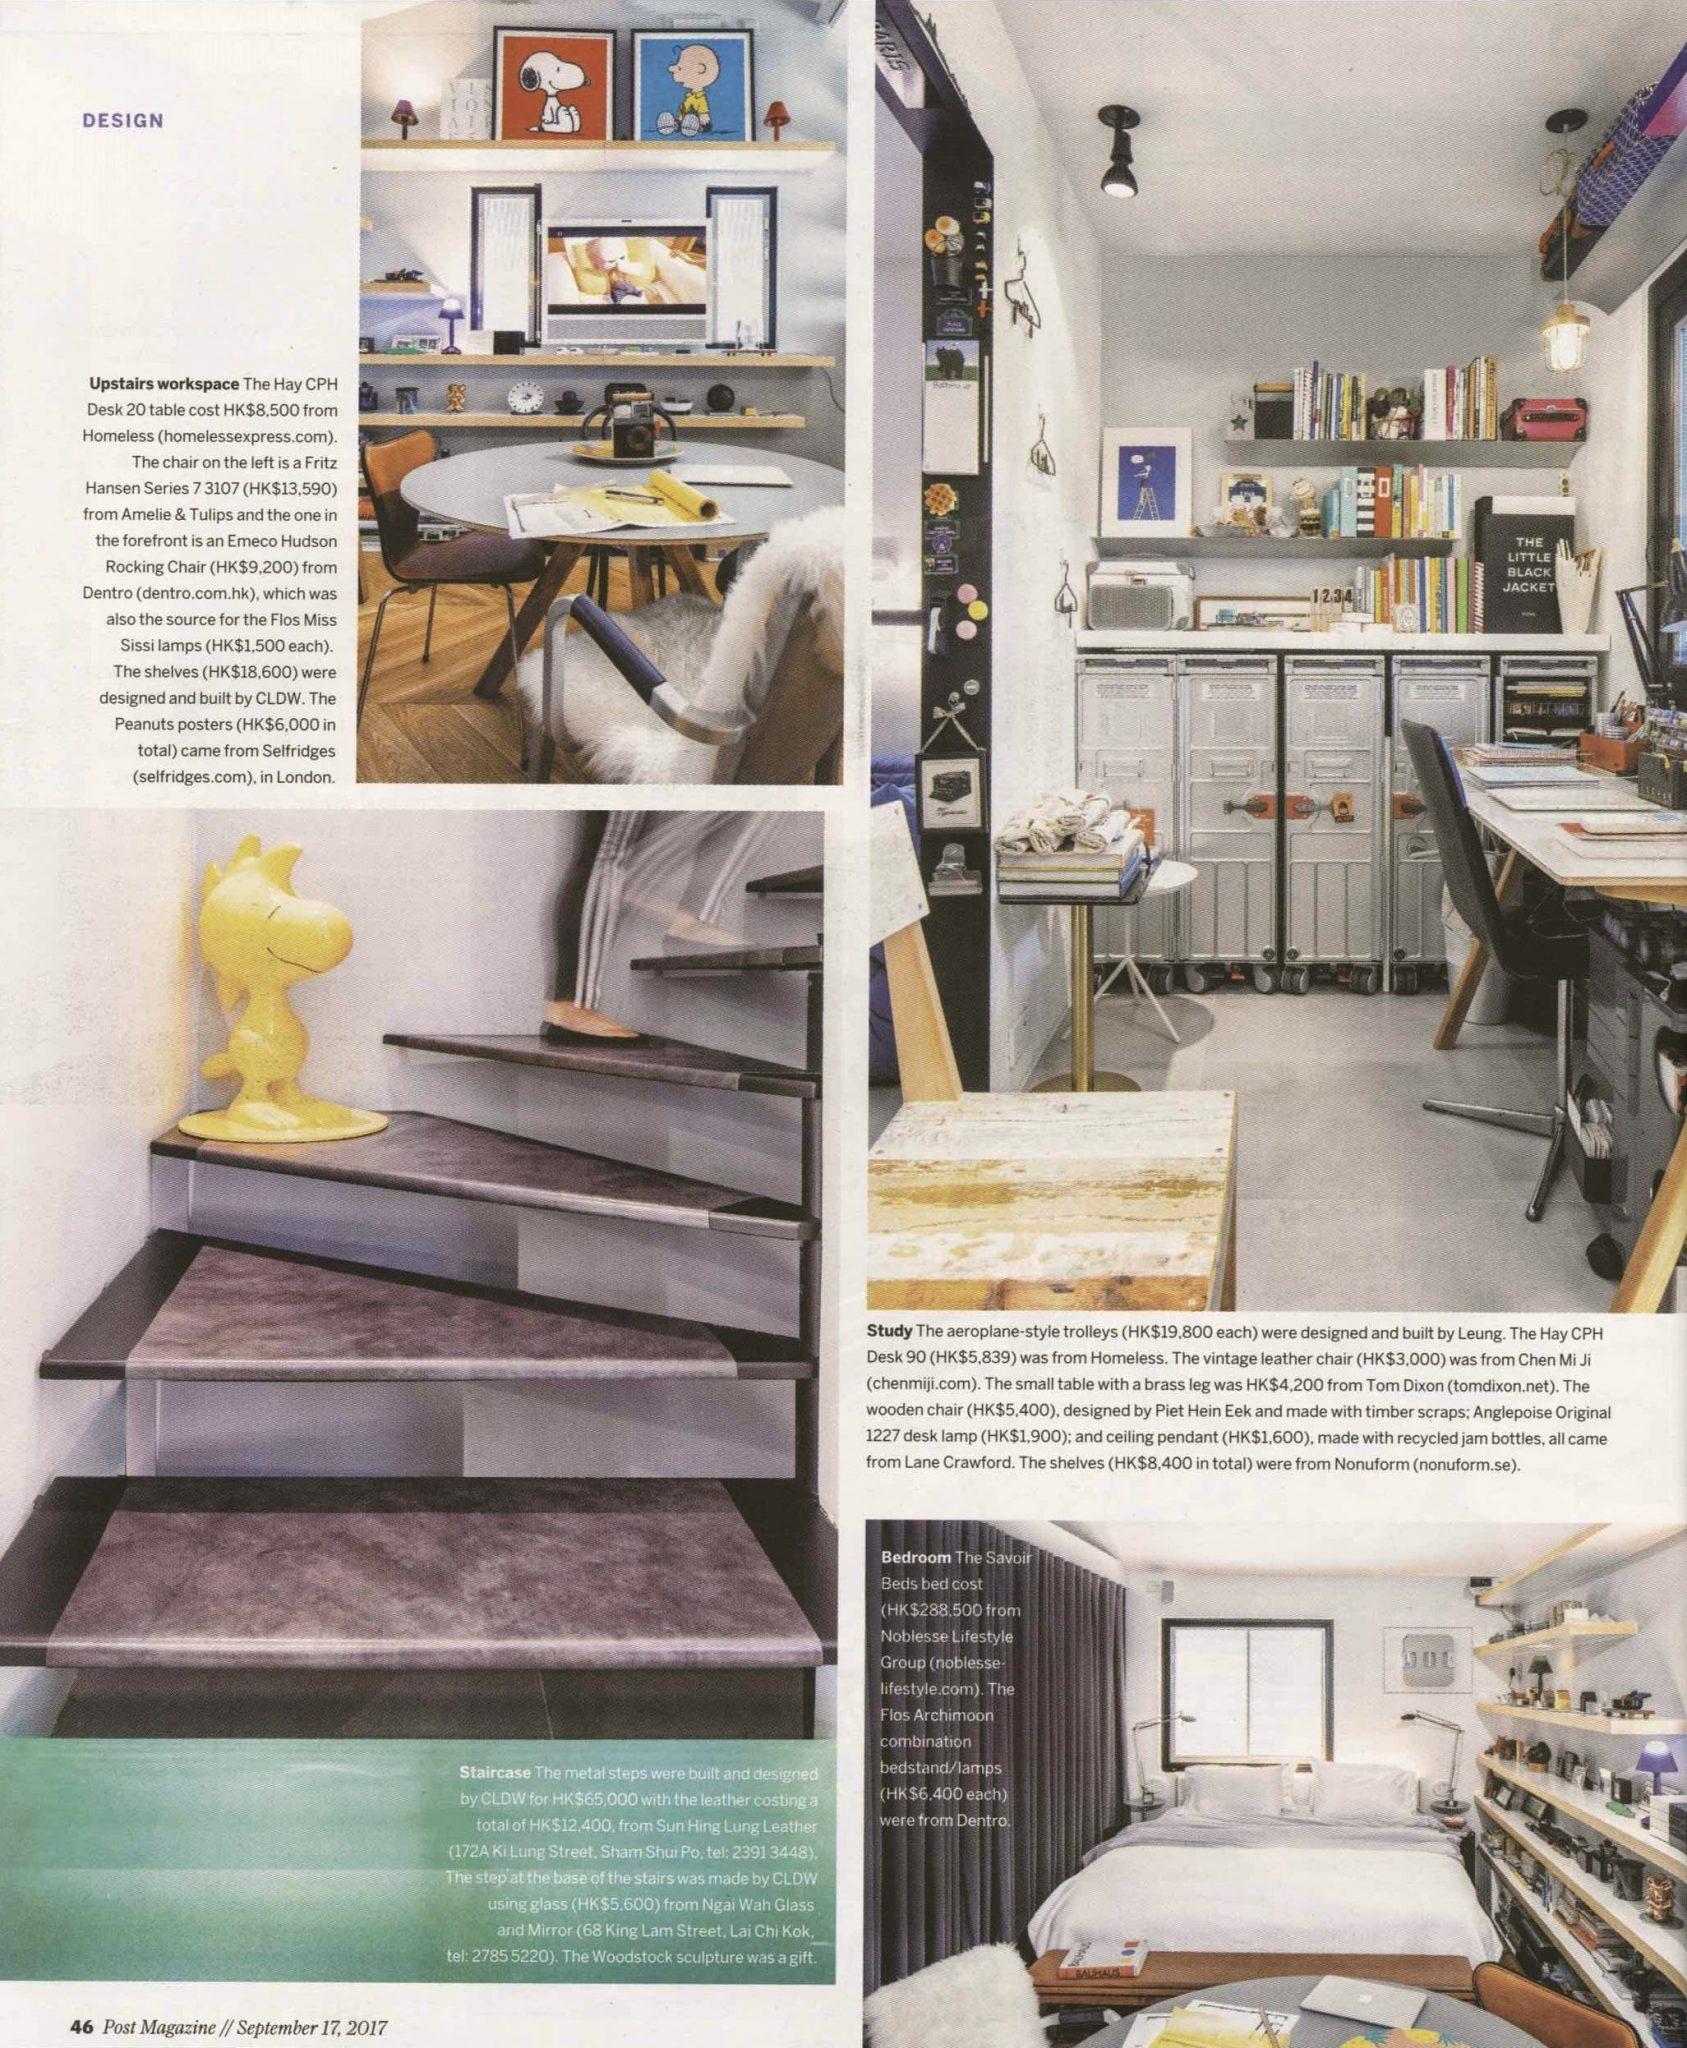 weekend retreat scmp post magazine sept 2017 clifton leung design workshop. Black Bedroom Furniture Sets. Home Design Ideas